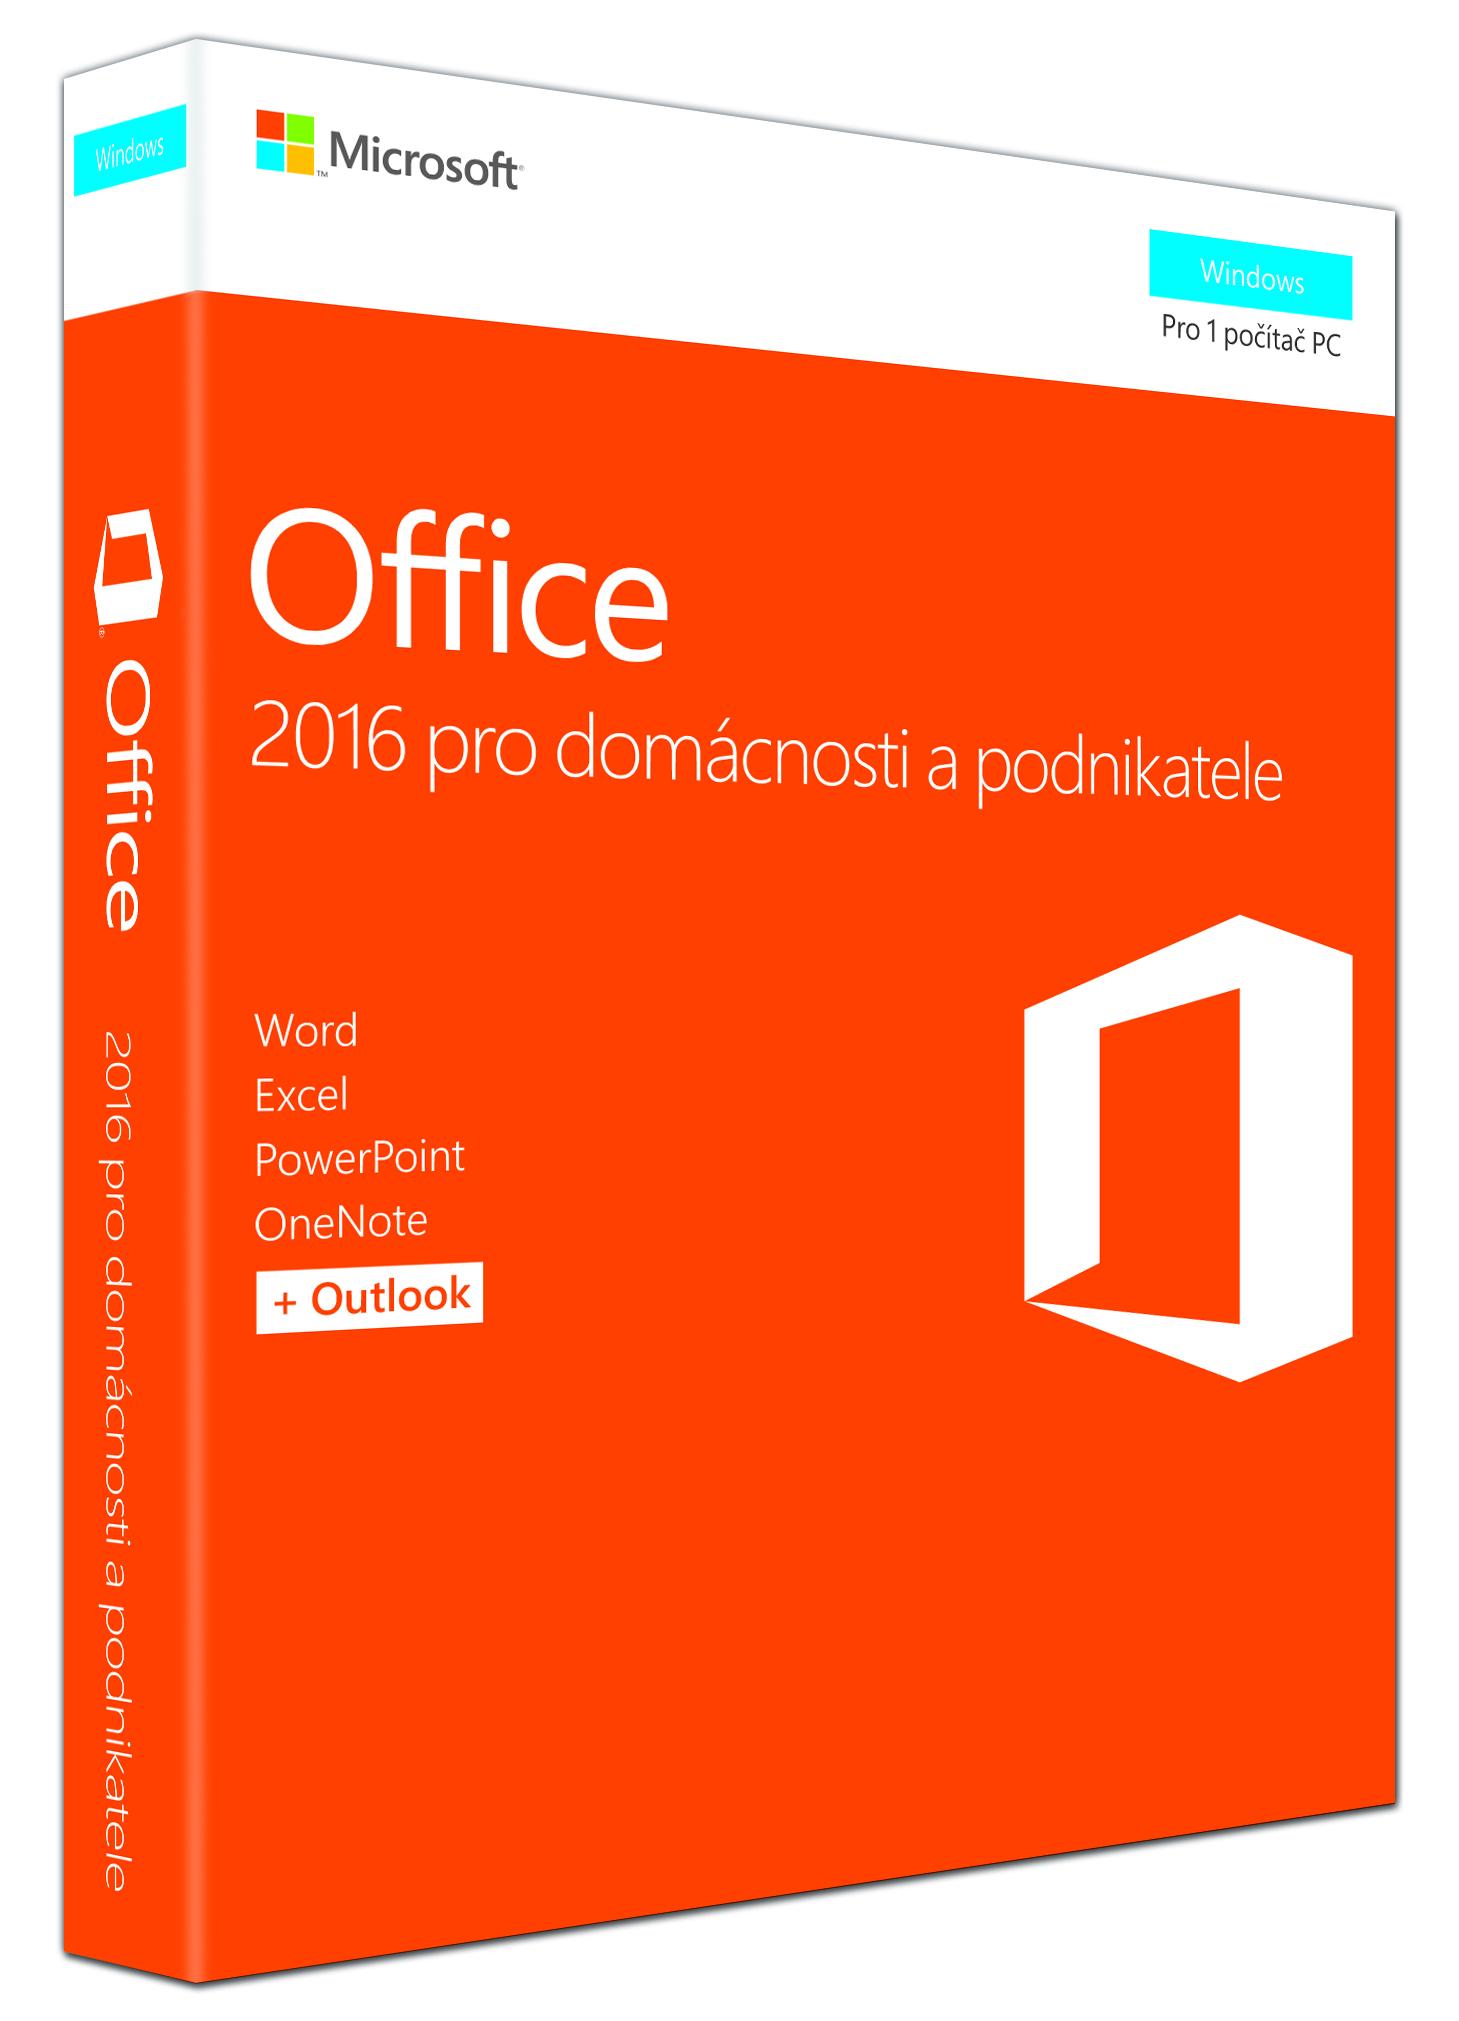 Office 2016 pro dom. a podnikatele CZ, P2